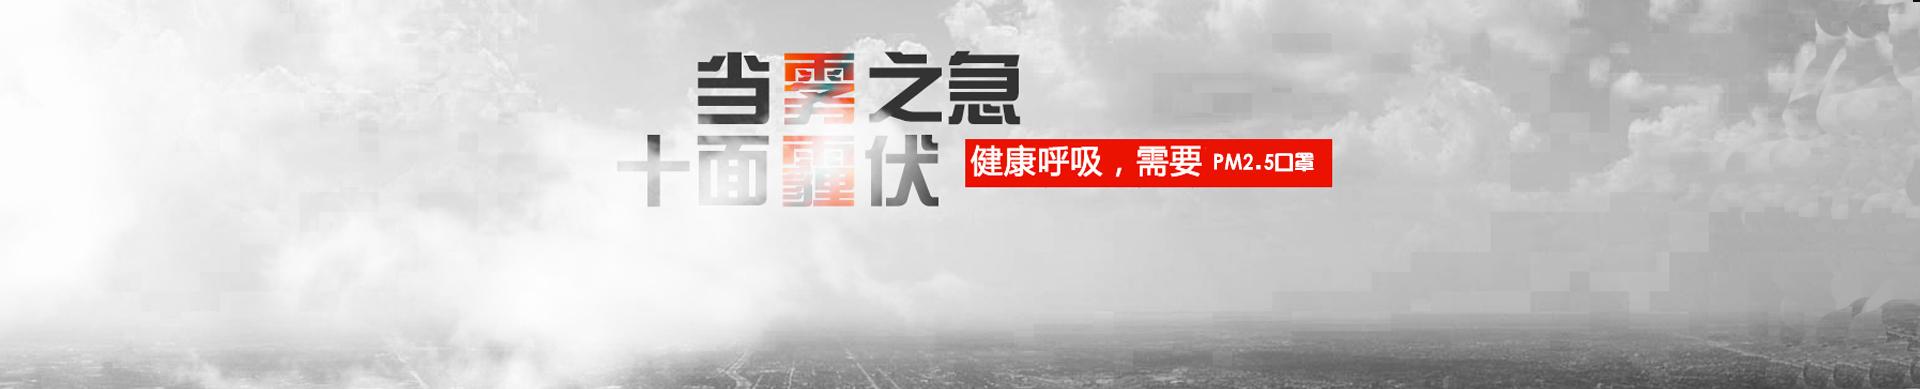 桐城市新锦江劳保用品有限公司